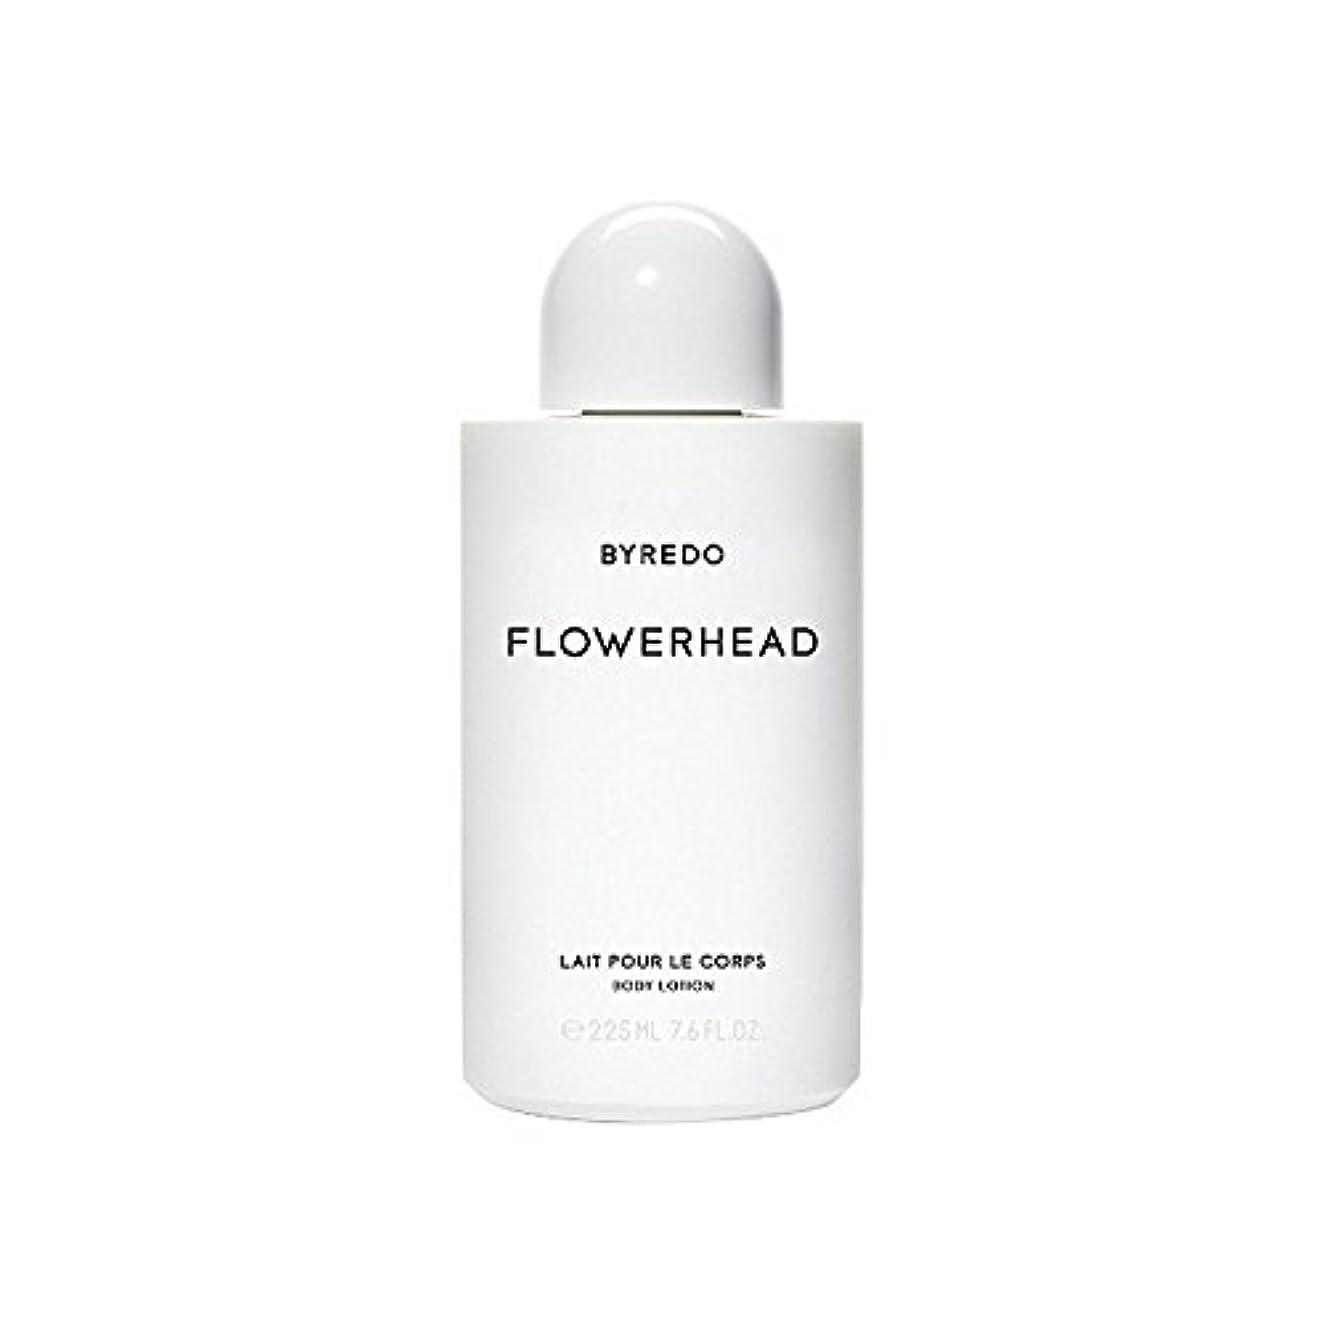 形消す師匠Byredo Flowerhead Body Lotion 225ml - ボディローション225ミリリットル [並行輸入品]